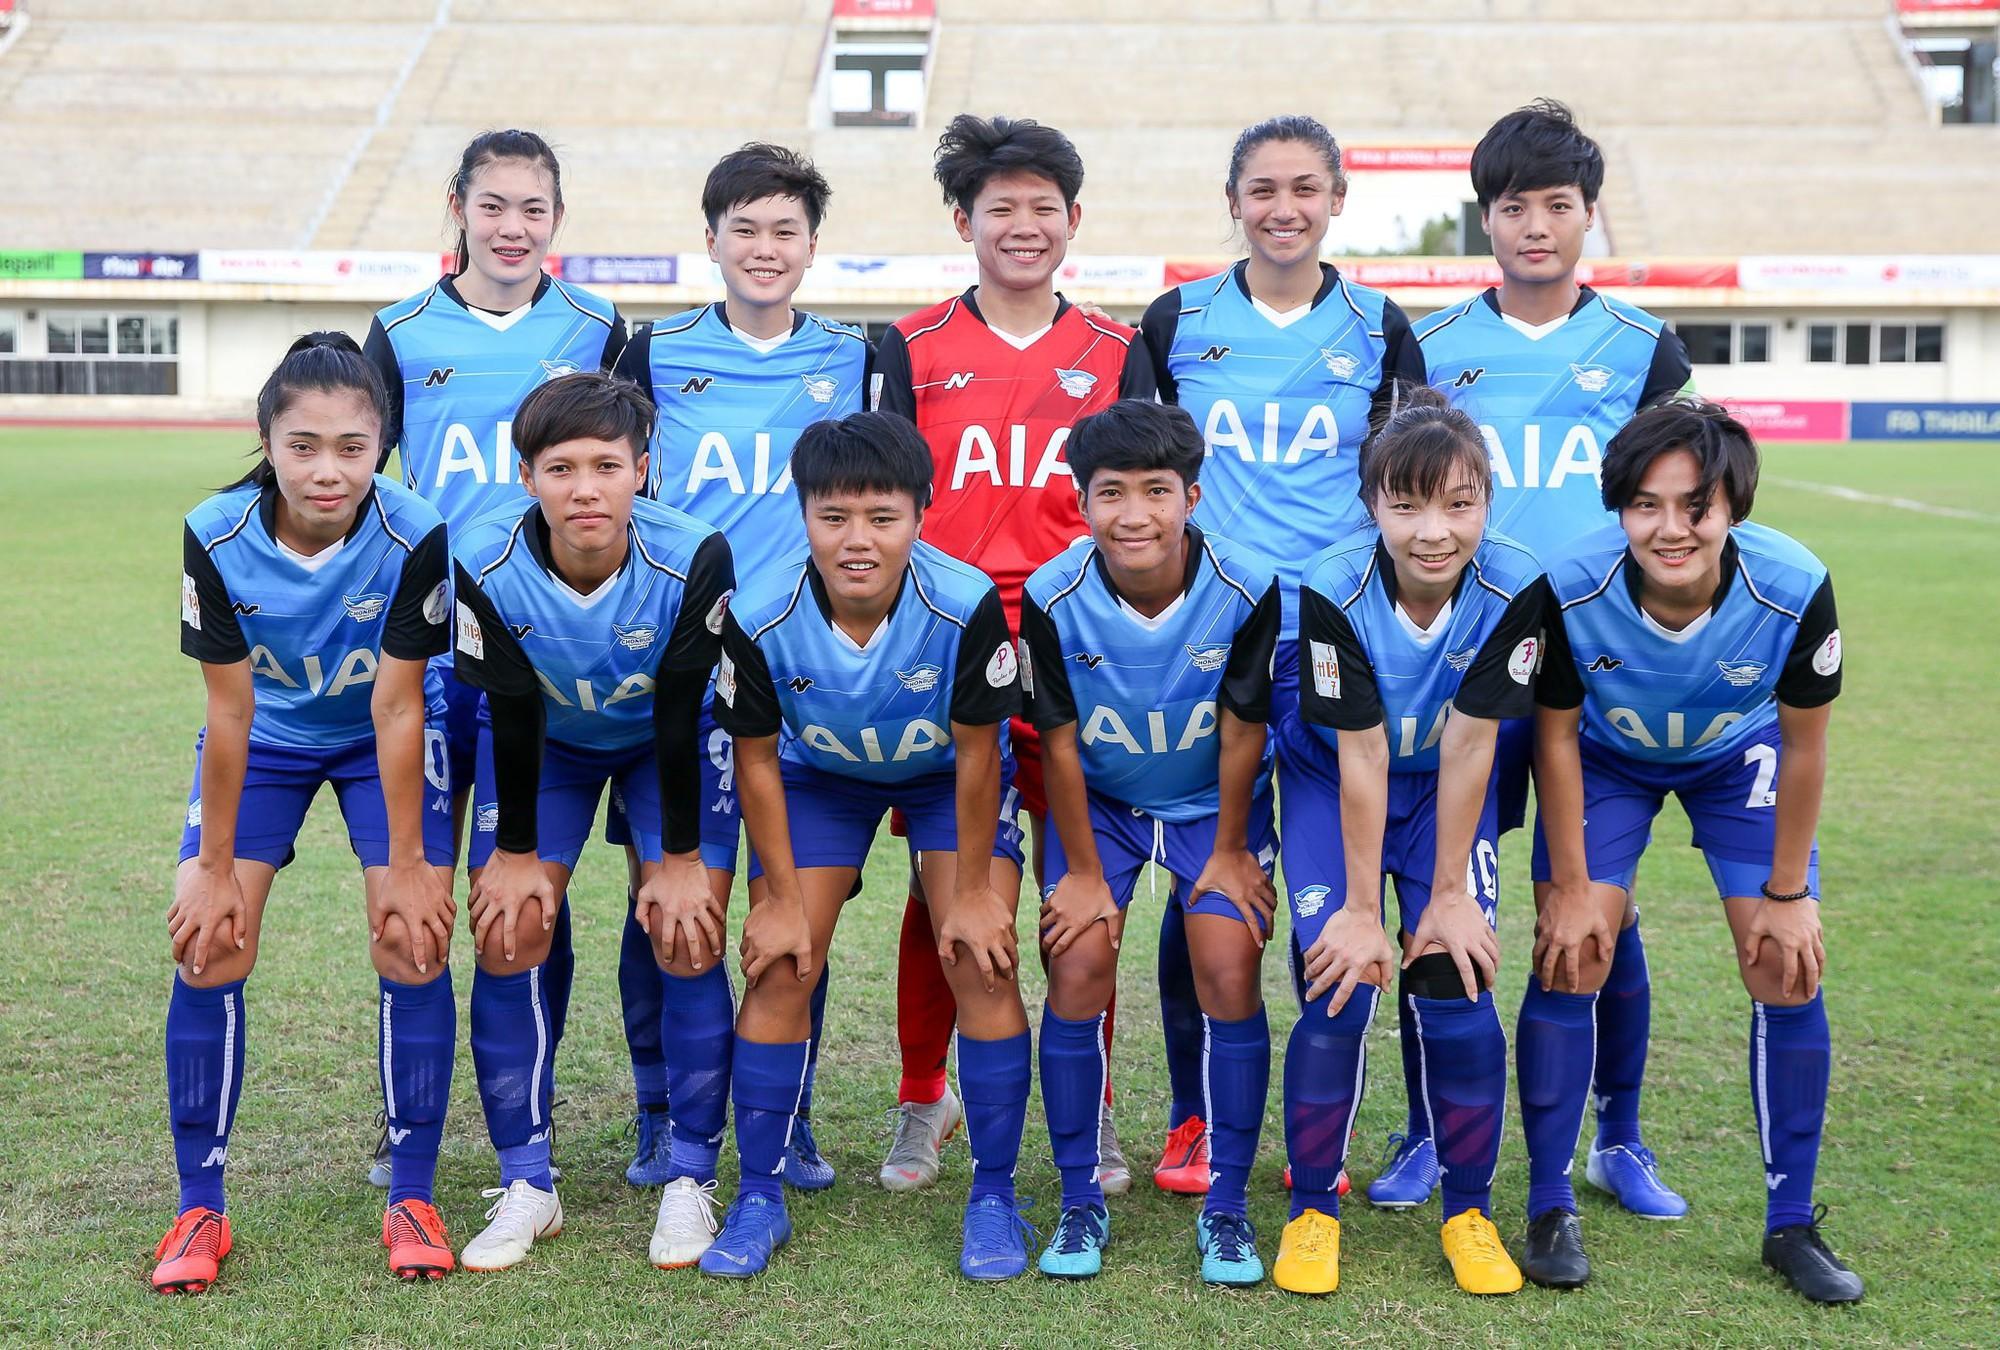 Tuyển thủ nữ Việt Nam cùng Chonburi vào chung kết giải VĐQG Thái Lan 2019 - Ảnh 2.